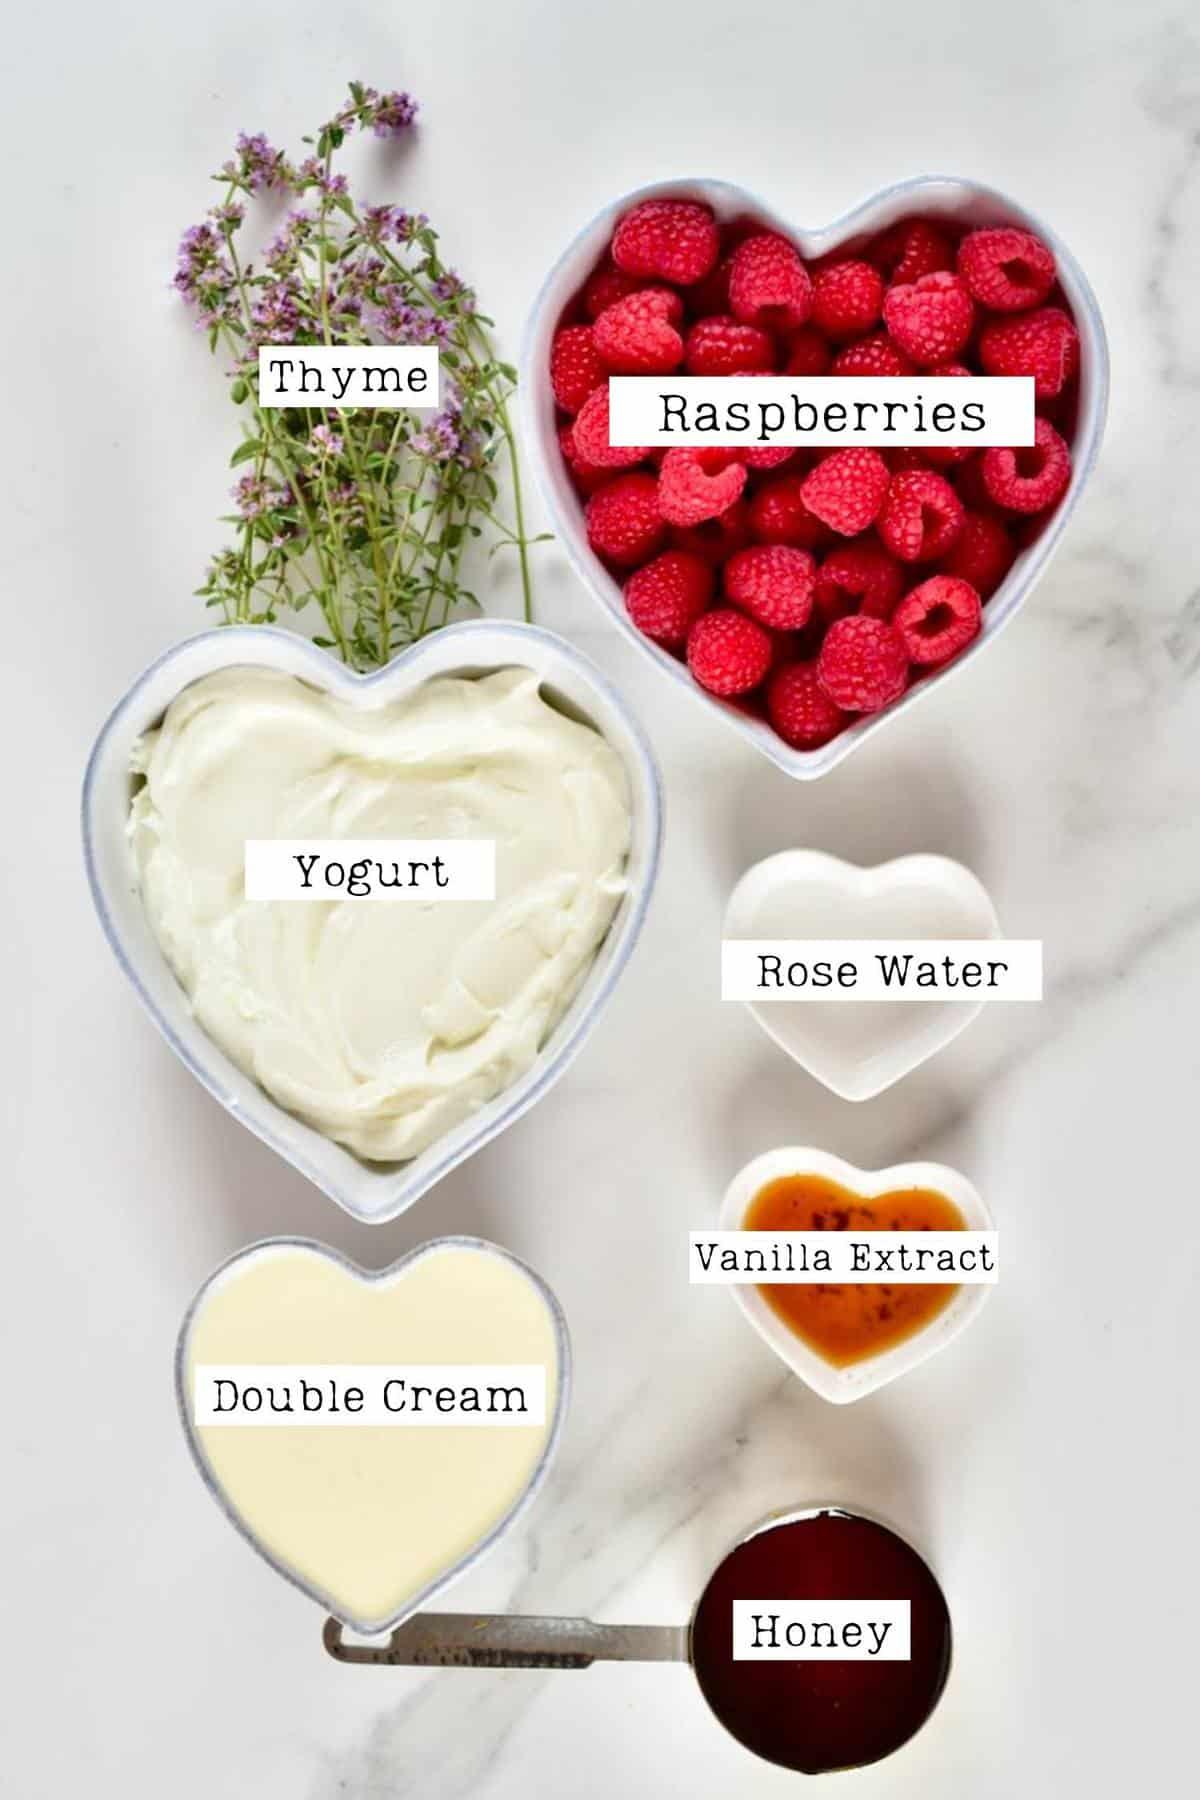 Ingredients for raspberry ice cream